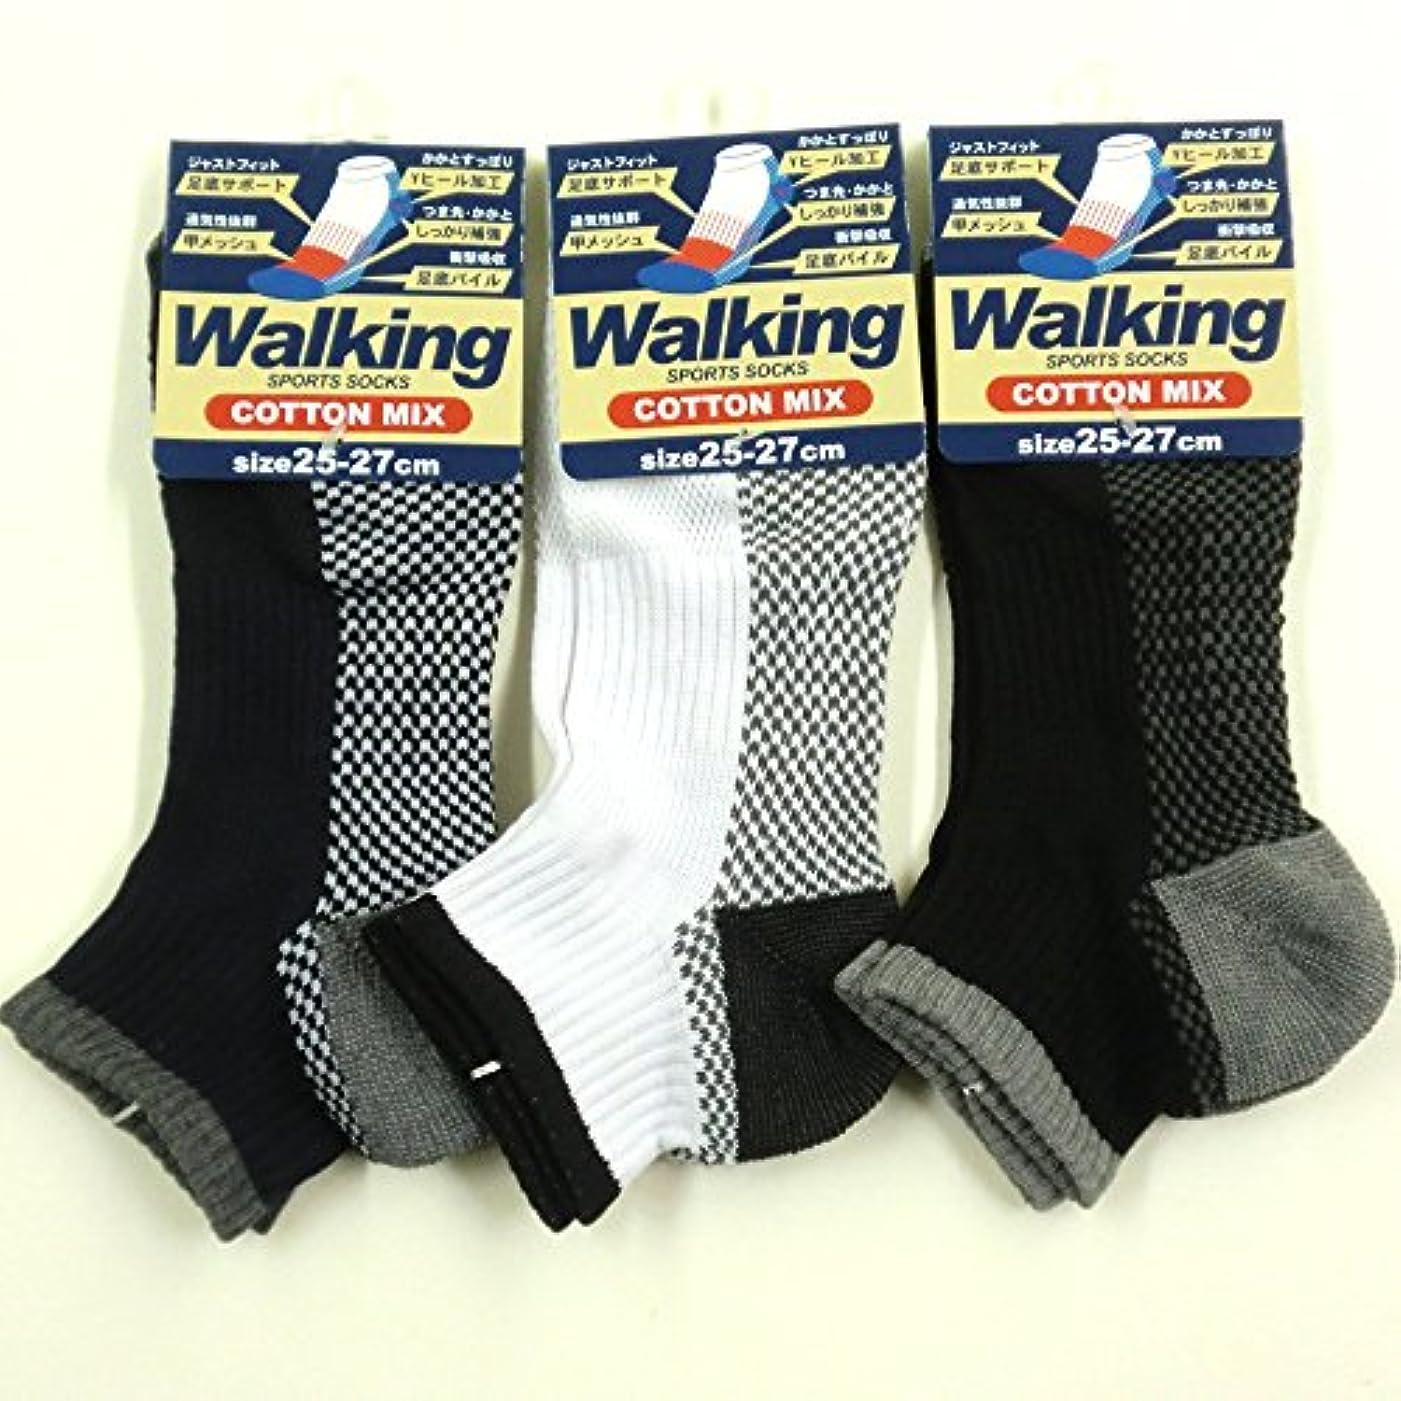 非行ダッシュカップスニーカー ソックス メンズ ウォーキング 靴下 綿混 足底パイル 25-27cm 3足セット